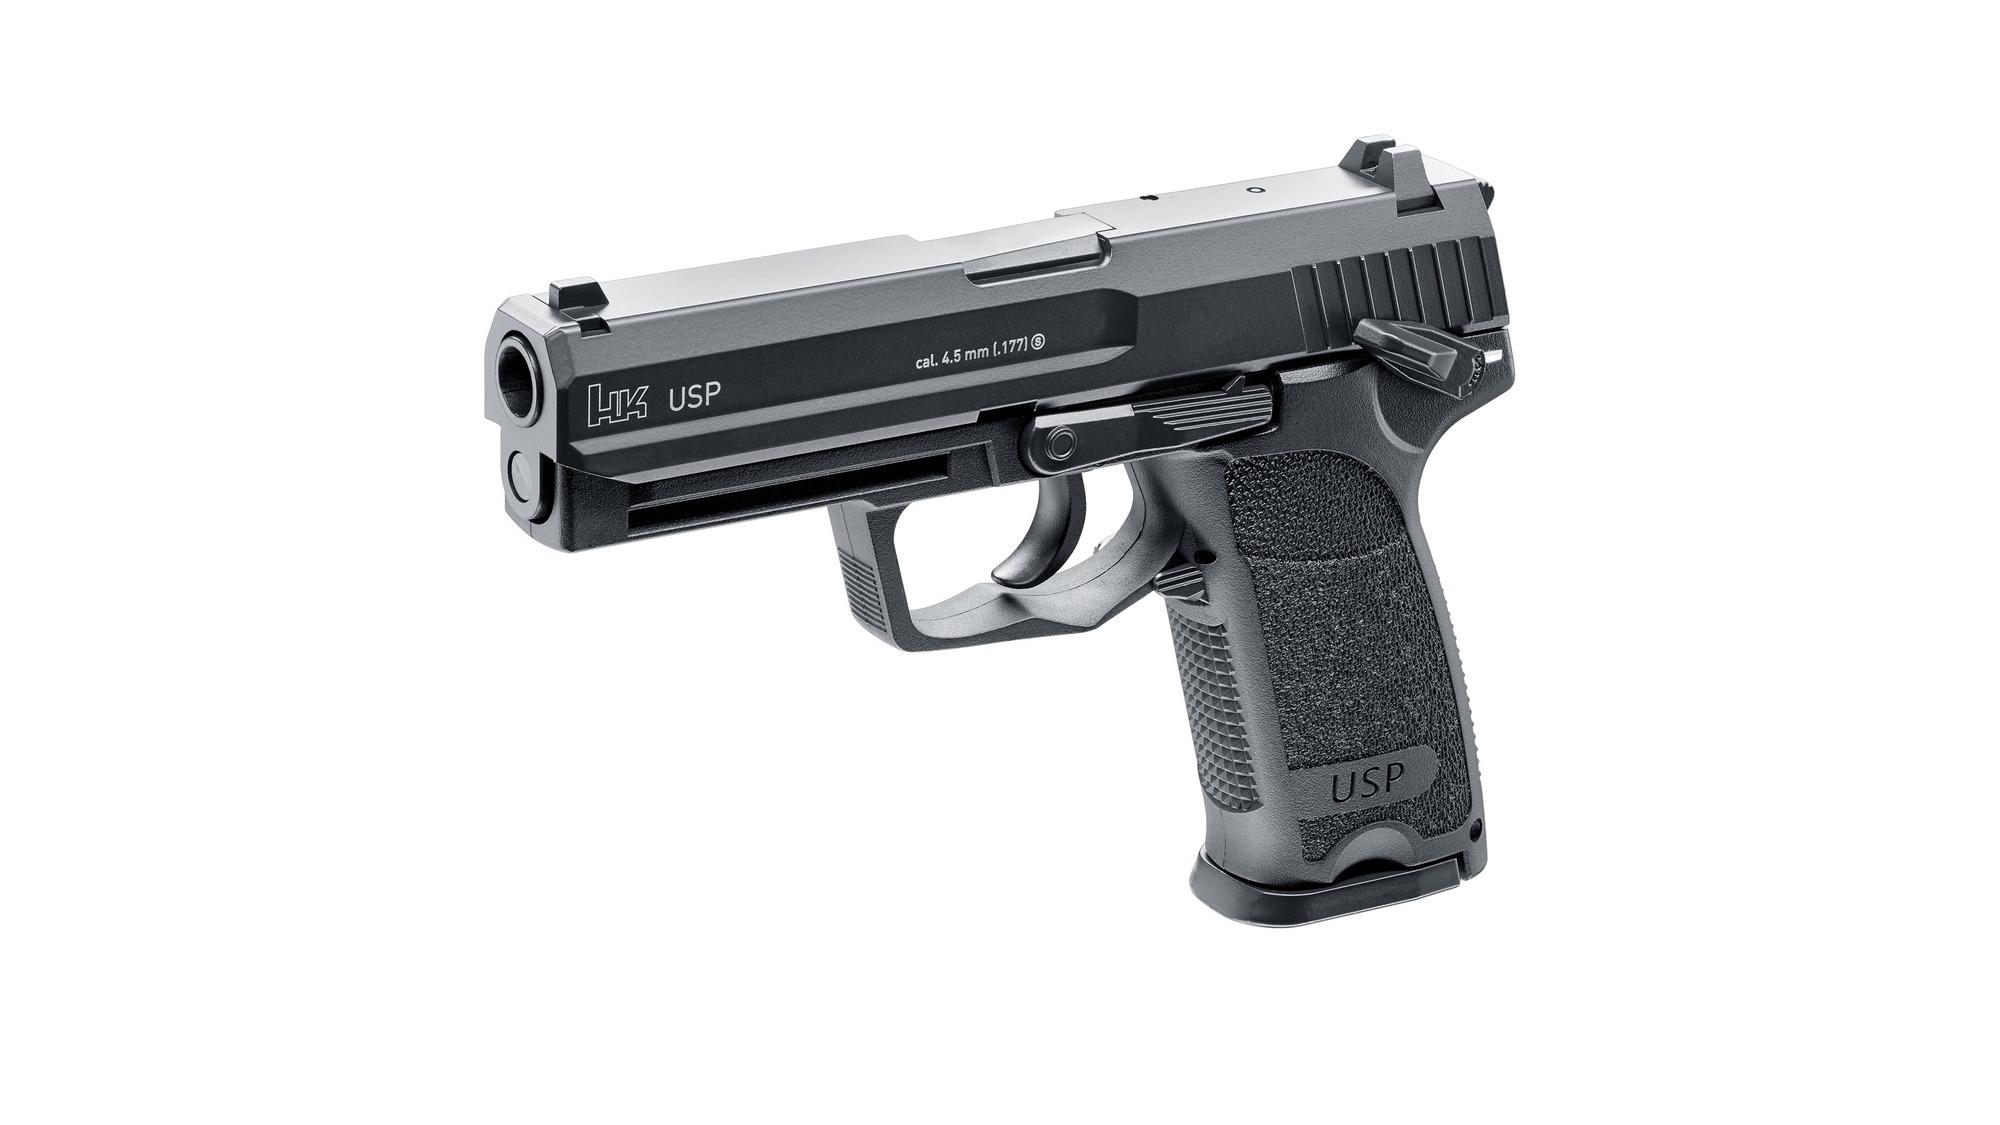 Heckler Koch Usp Blowback Co2 Bb Air Pistol